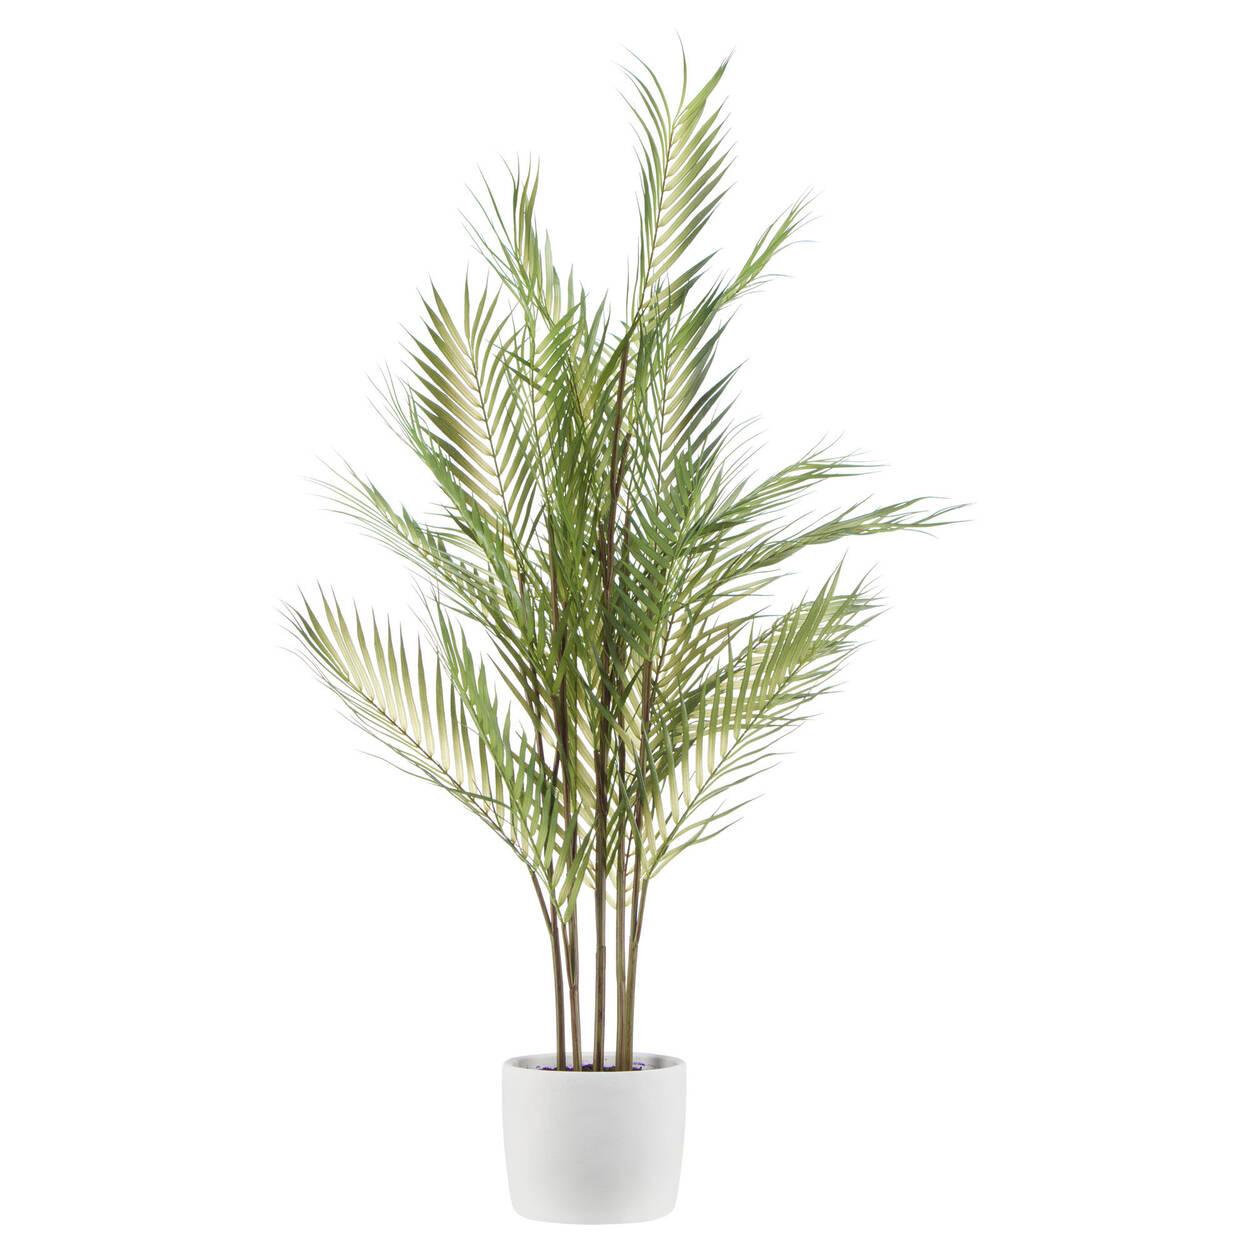 Plante tropicale en pot de céramique blanche